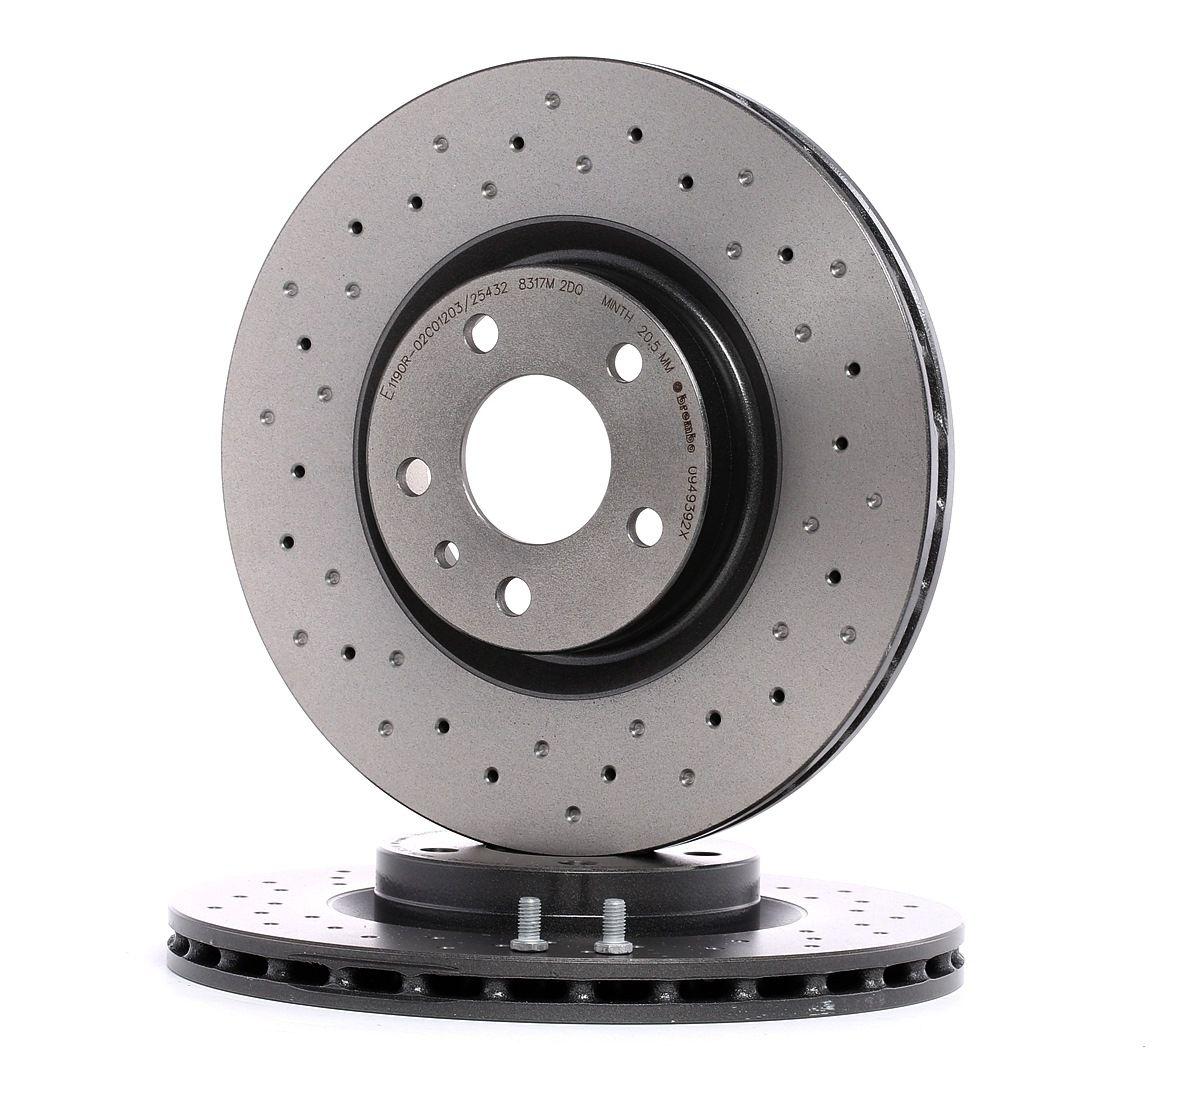 Brembo 09.5674.2X Rotores de Discos de Frenos